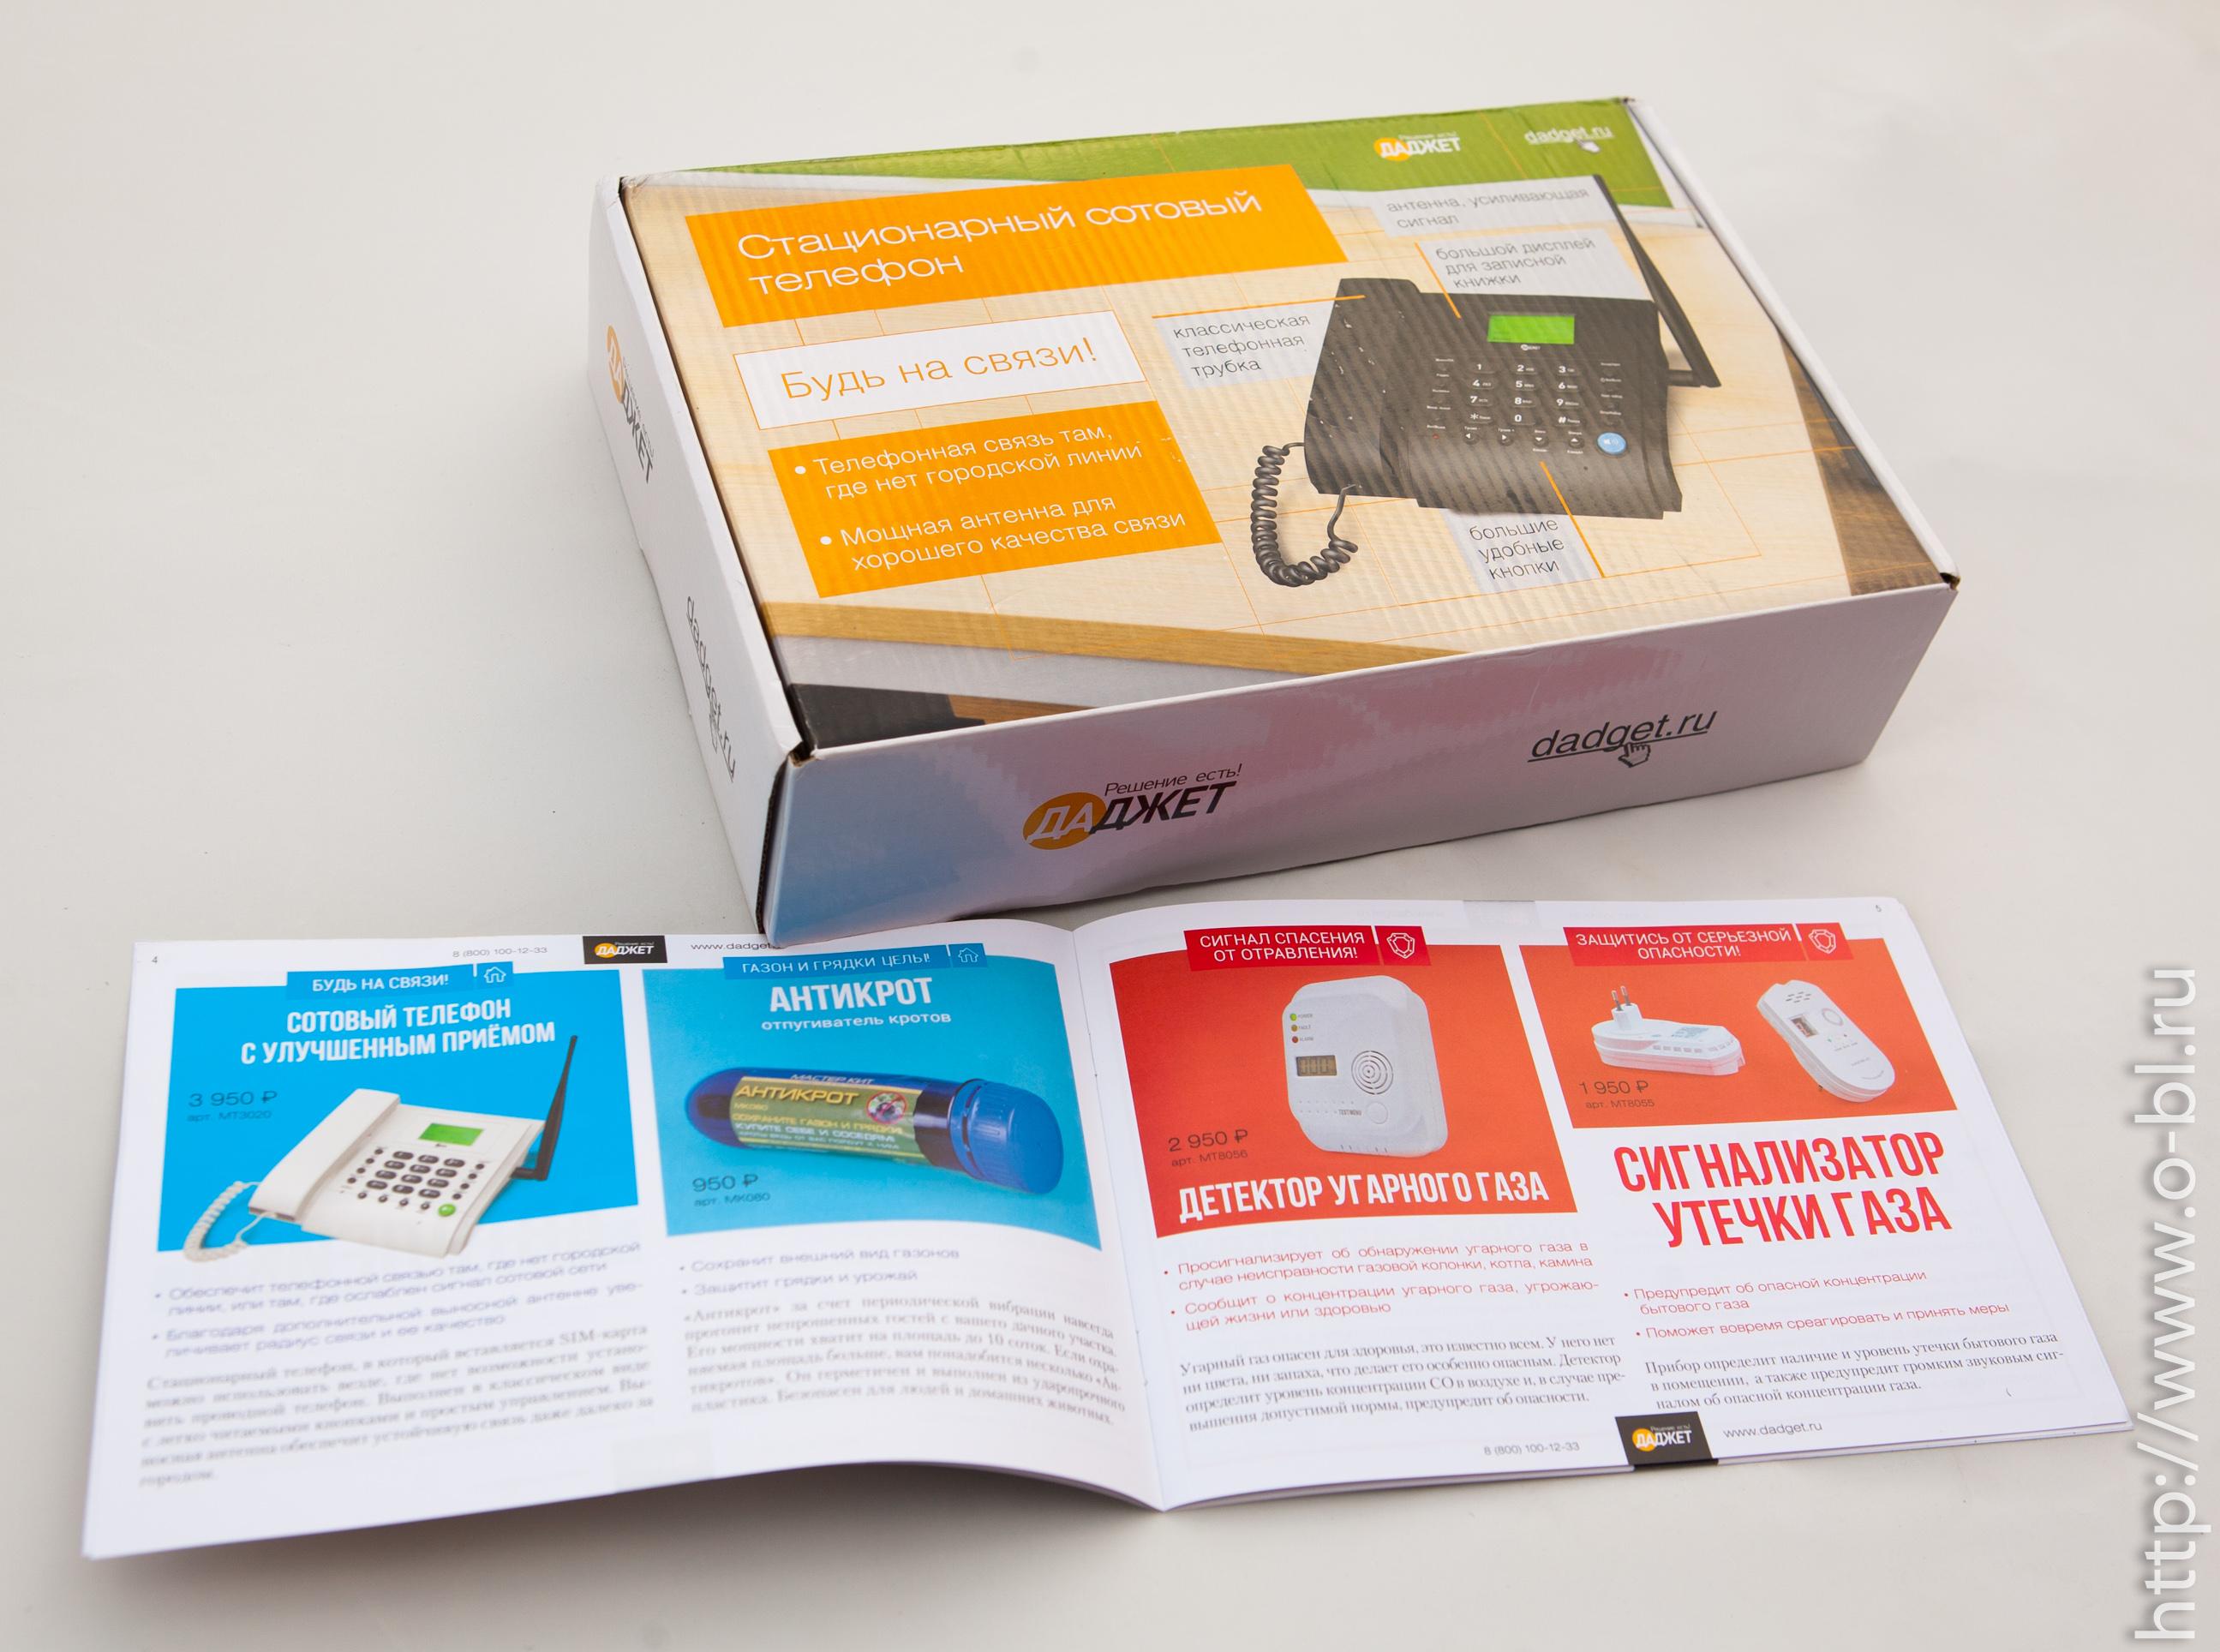 """В пакете была обнаружена коробка с телефоном и рекламный буклет с описанием кучи полезных ништяков, таких как """"Детектор угарного газа"""" или """"Сигнализатор утечки газа"""". Антикрот меня не заинтересовал. :)"""